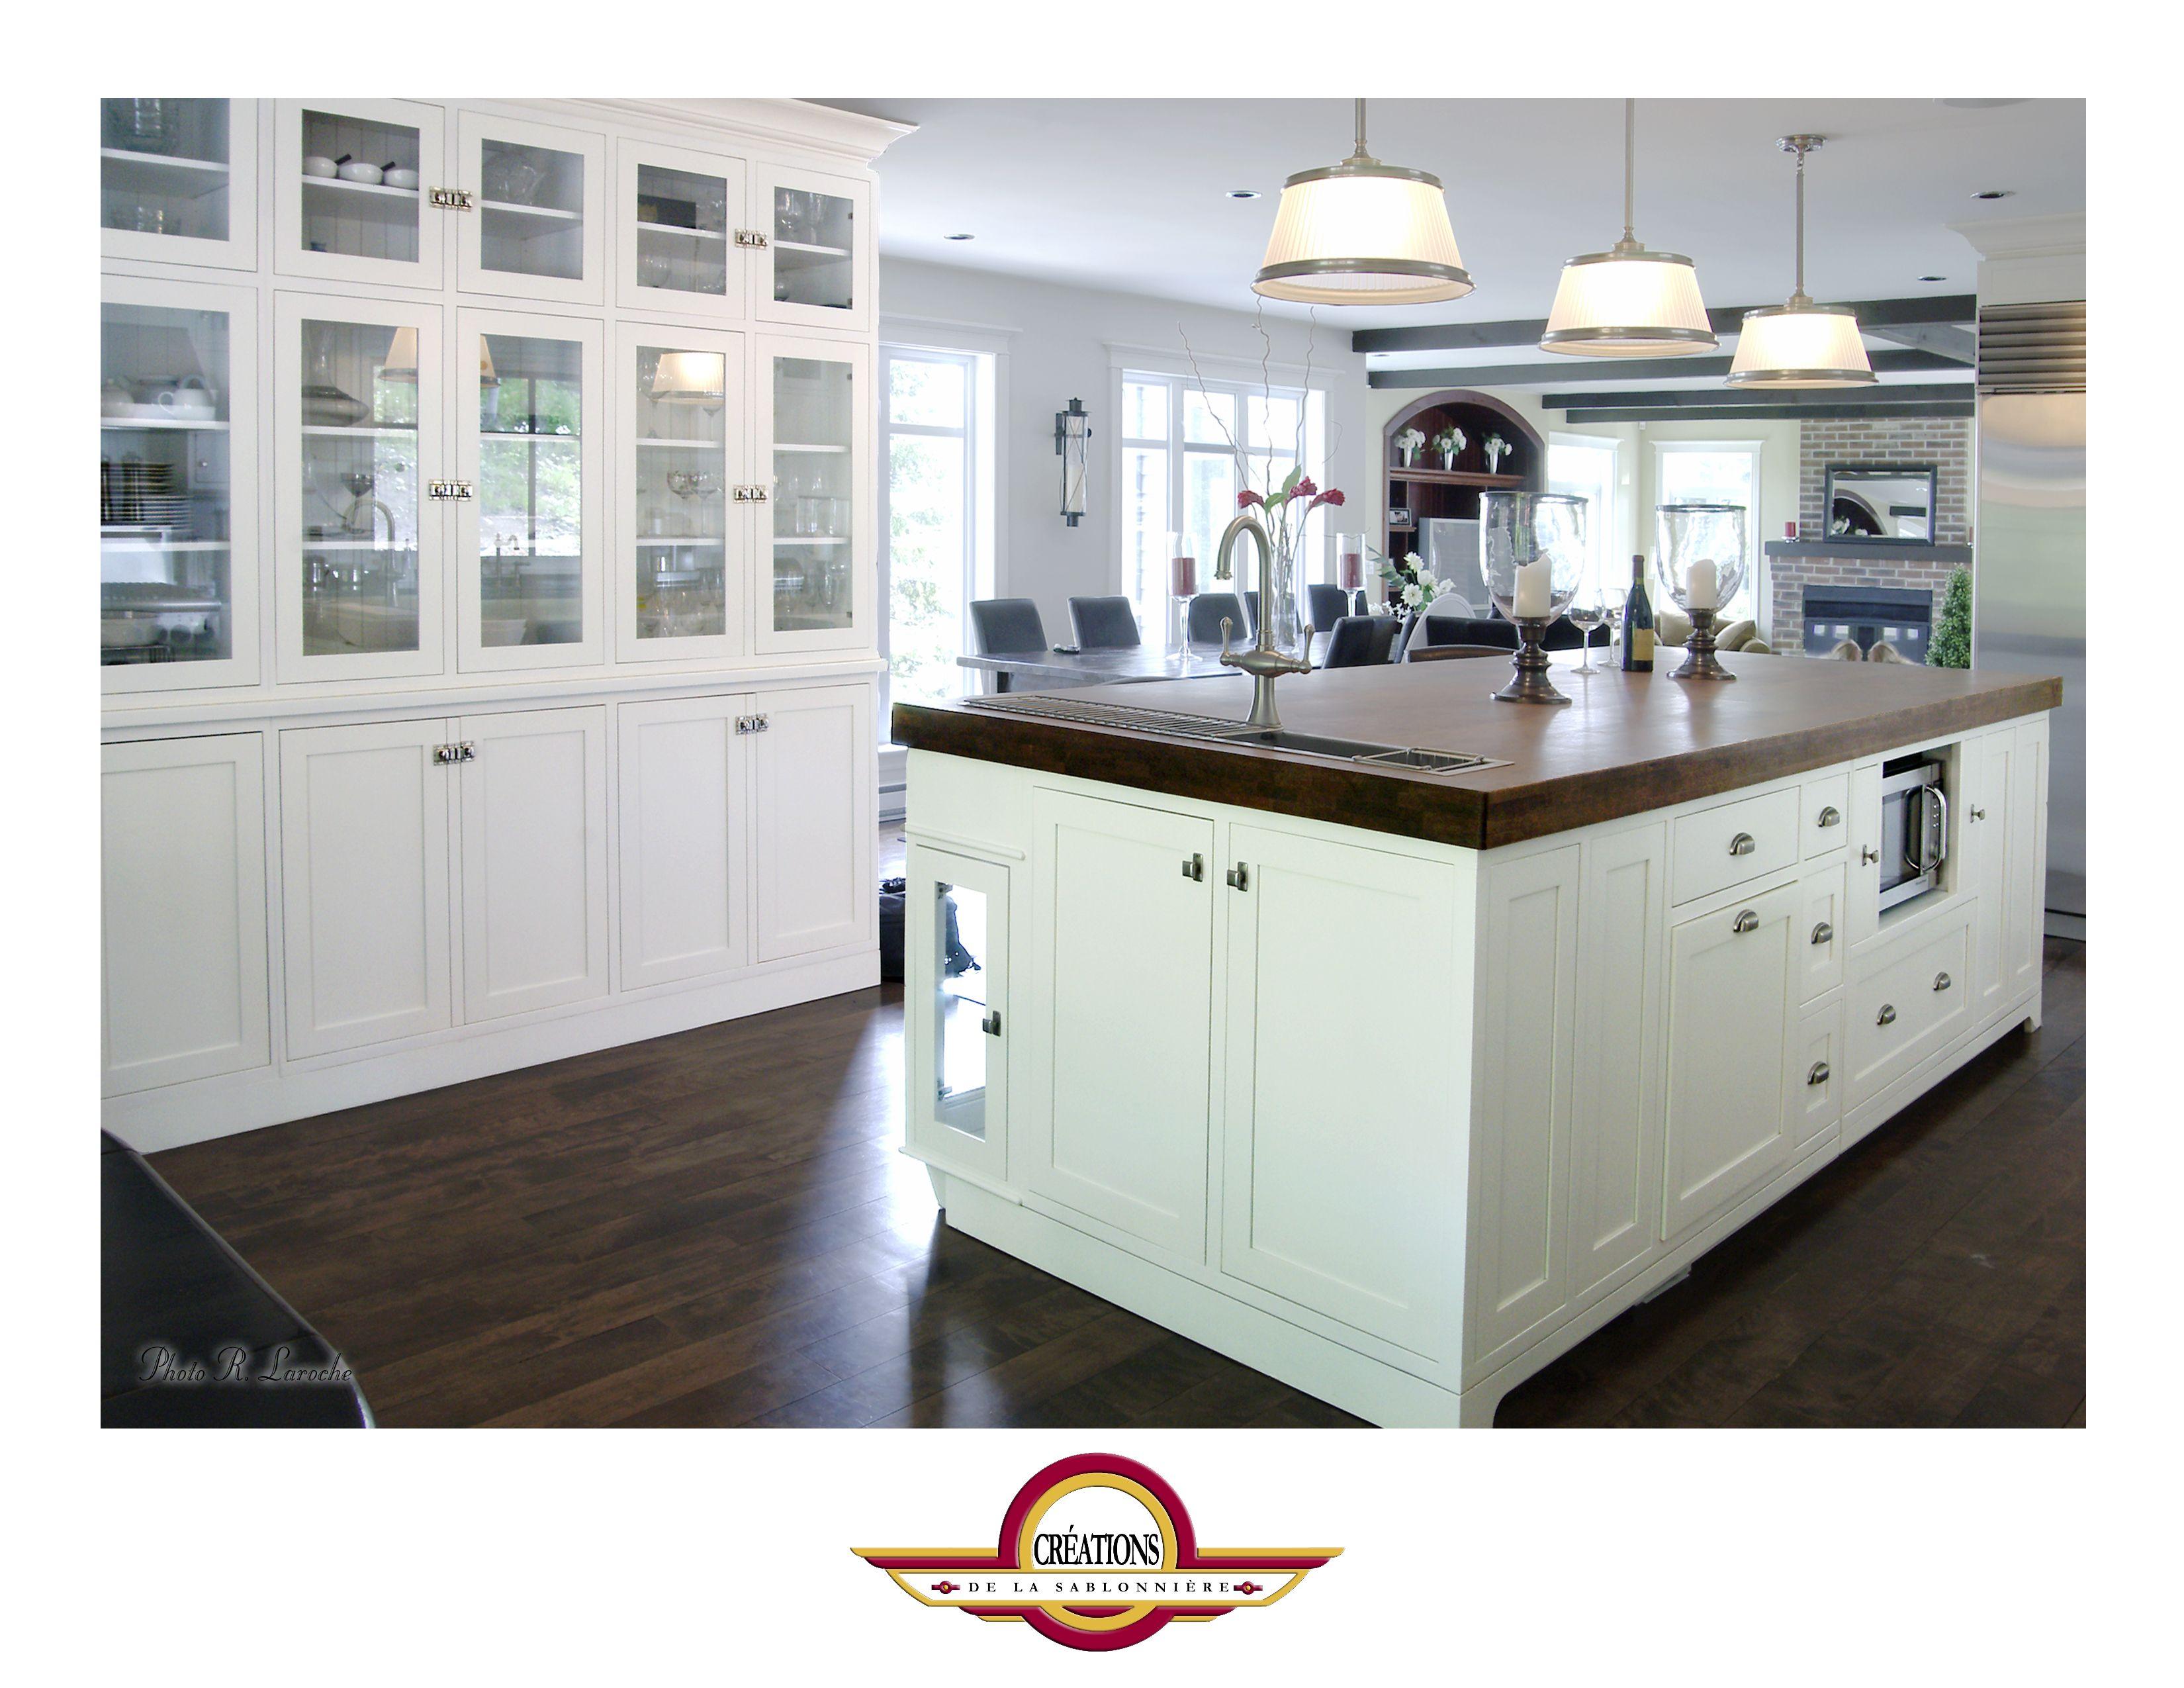 armoire de cuisine en merisier blanc avec un comptoir de bois massif teint fonc sur l 39 ilot. Black Bedroom Furniture Sets. Home Design Ideas